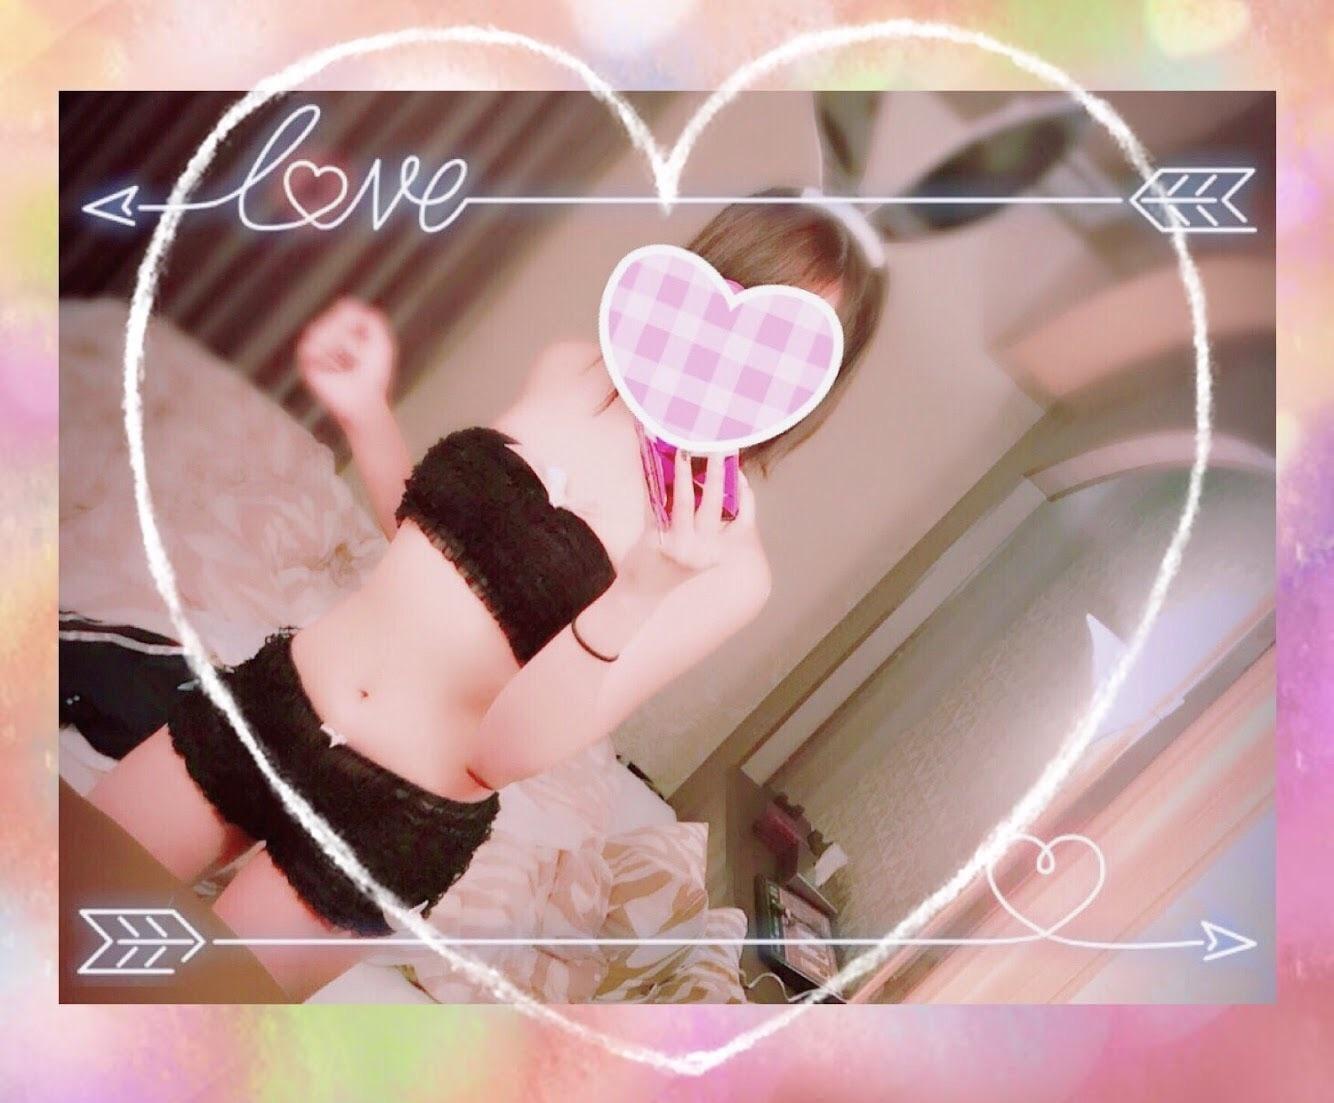 「*ありがぴ*」10/22(10/22) 03:12 | じぇむの写メ・風俗動画